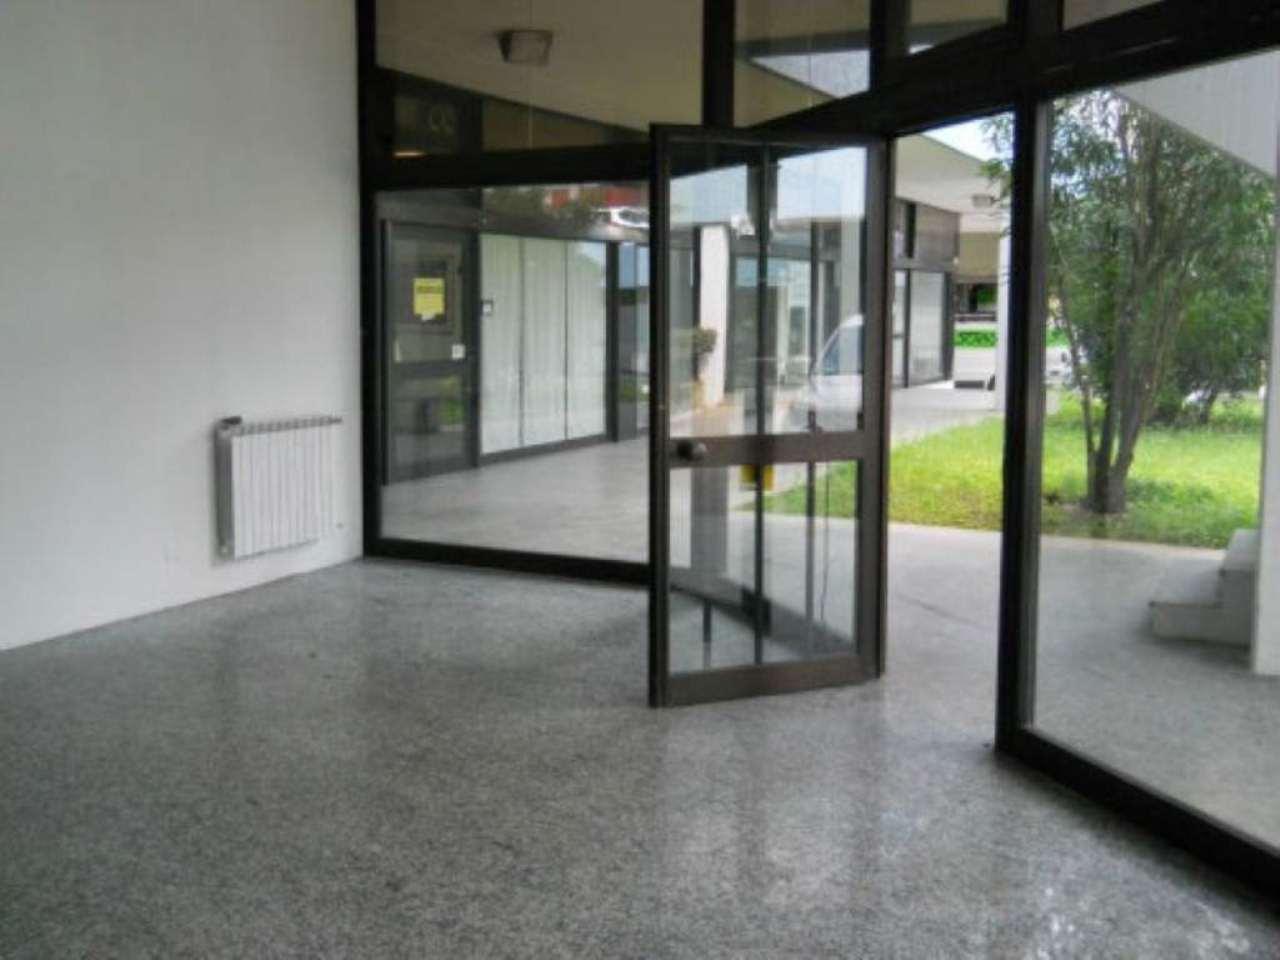 Negozio / Locale in affitto a Rezzato, 9999 locali, prezzo € 500 | CambioCasa.it